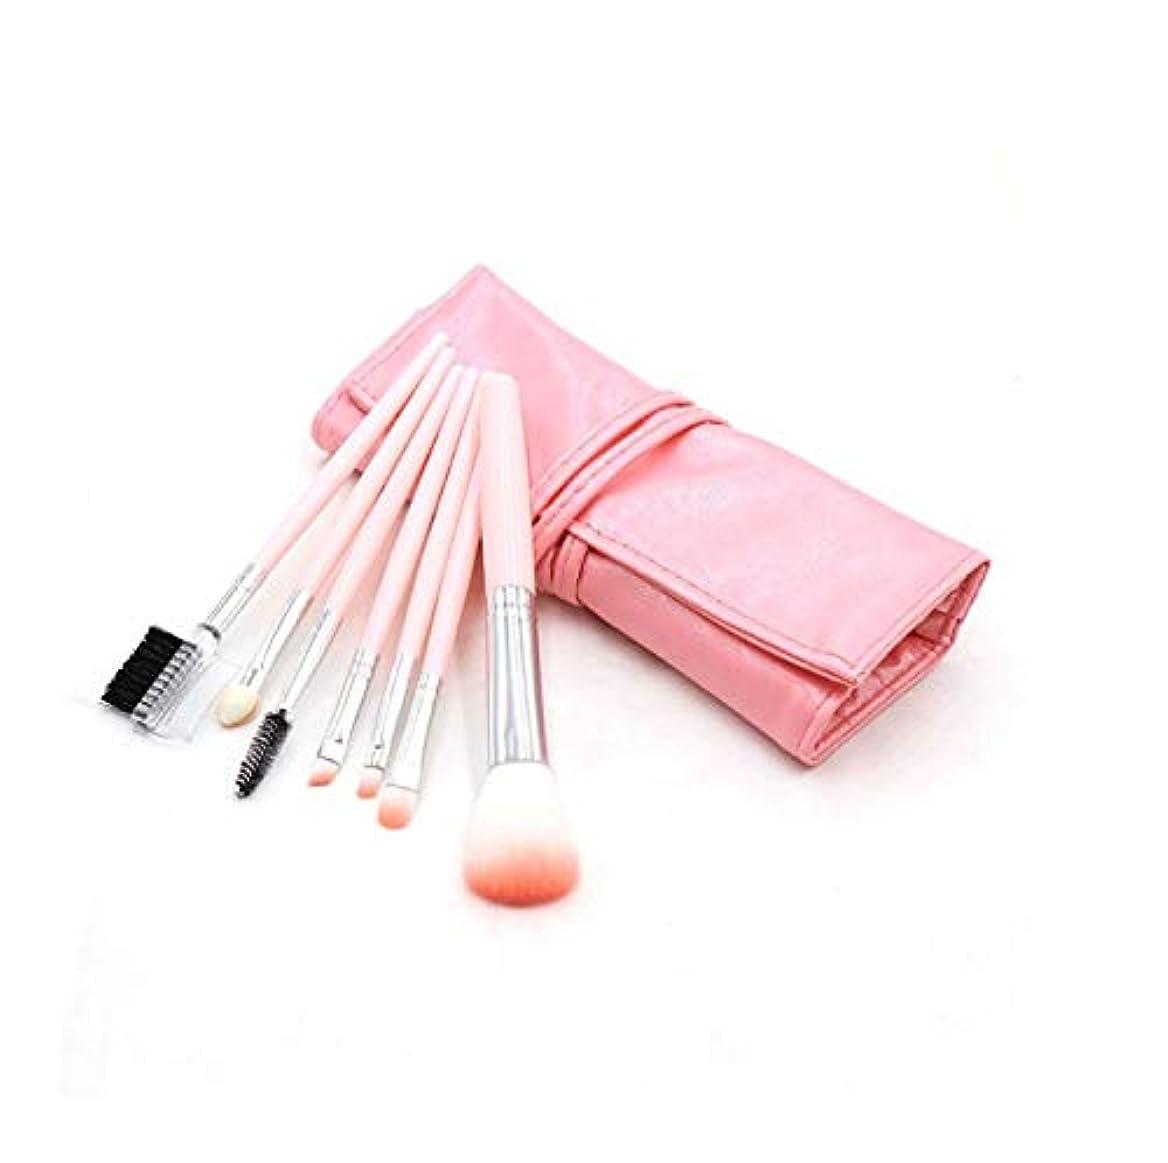 ルーチン畝間東ティモール化粧ブラシセット、ピンク7化粧ブラシ化粧ブラシセットアイシャドウブラシリップブラシ美容化粧道具